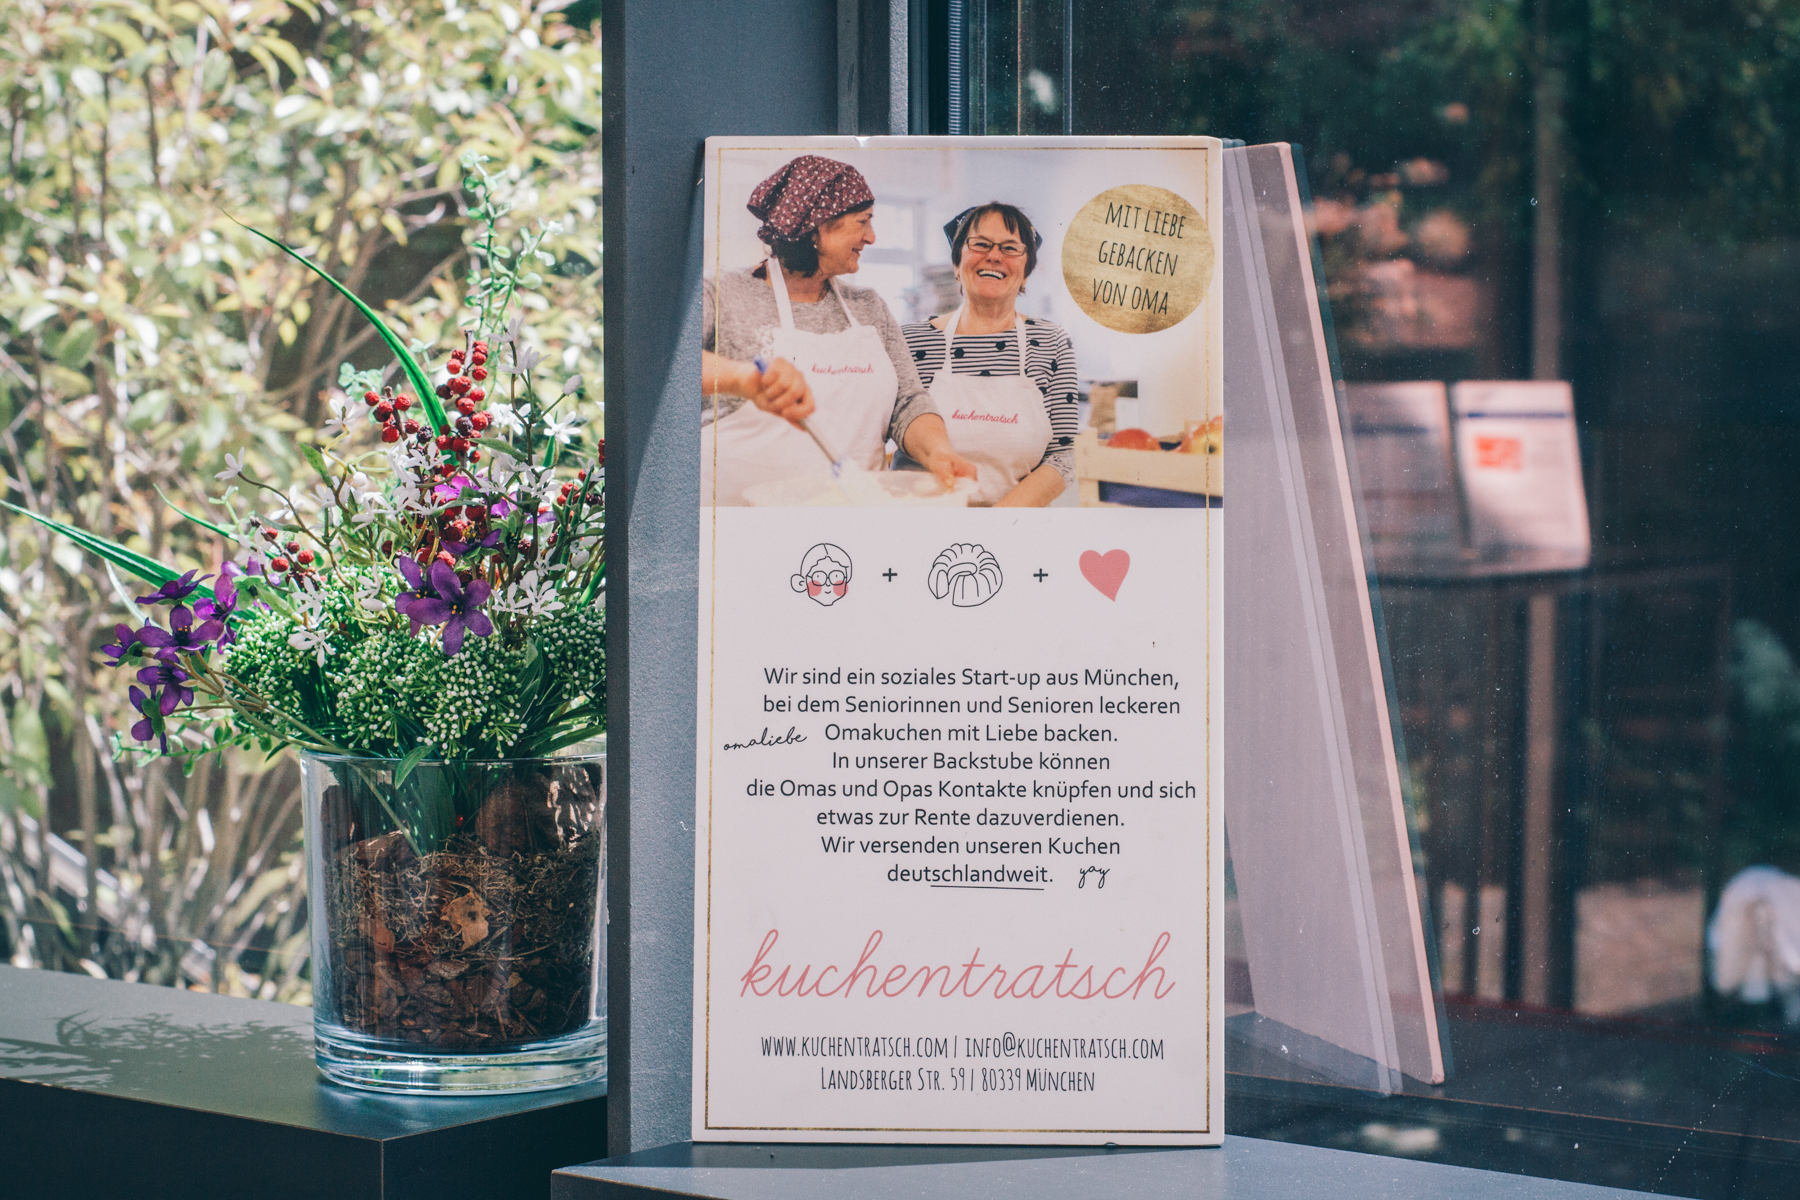 Kuchentratsch versorgt das Café Mon mit seinen köstlichen Backkünsten.  – ©wunderland media GmbH